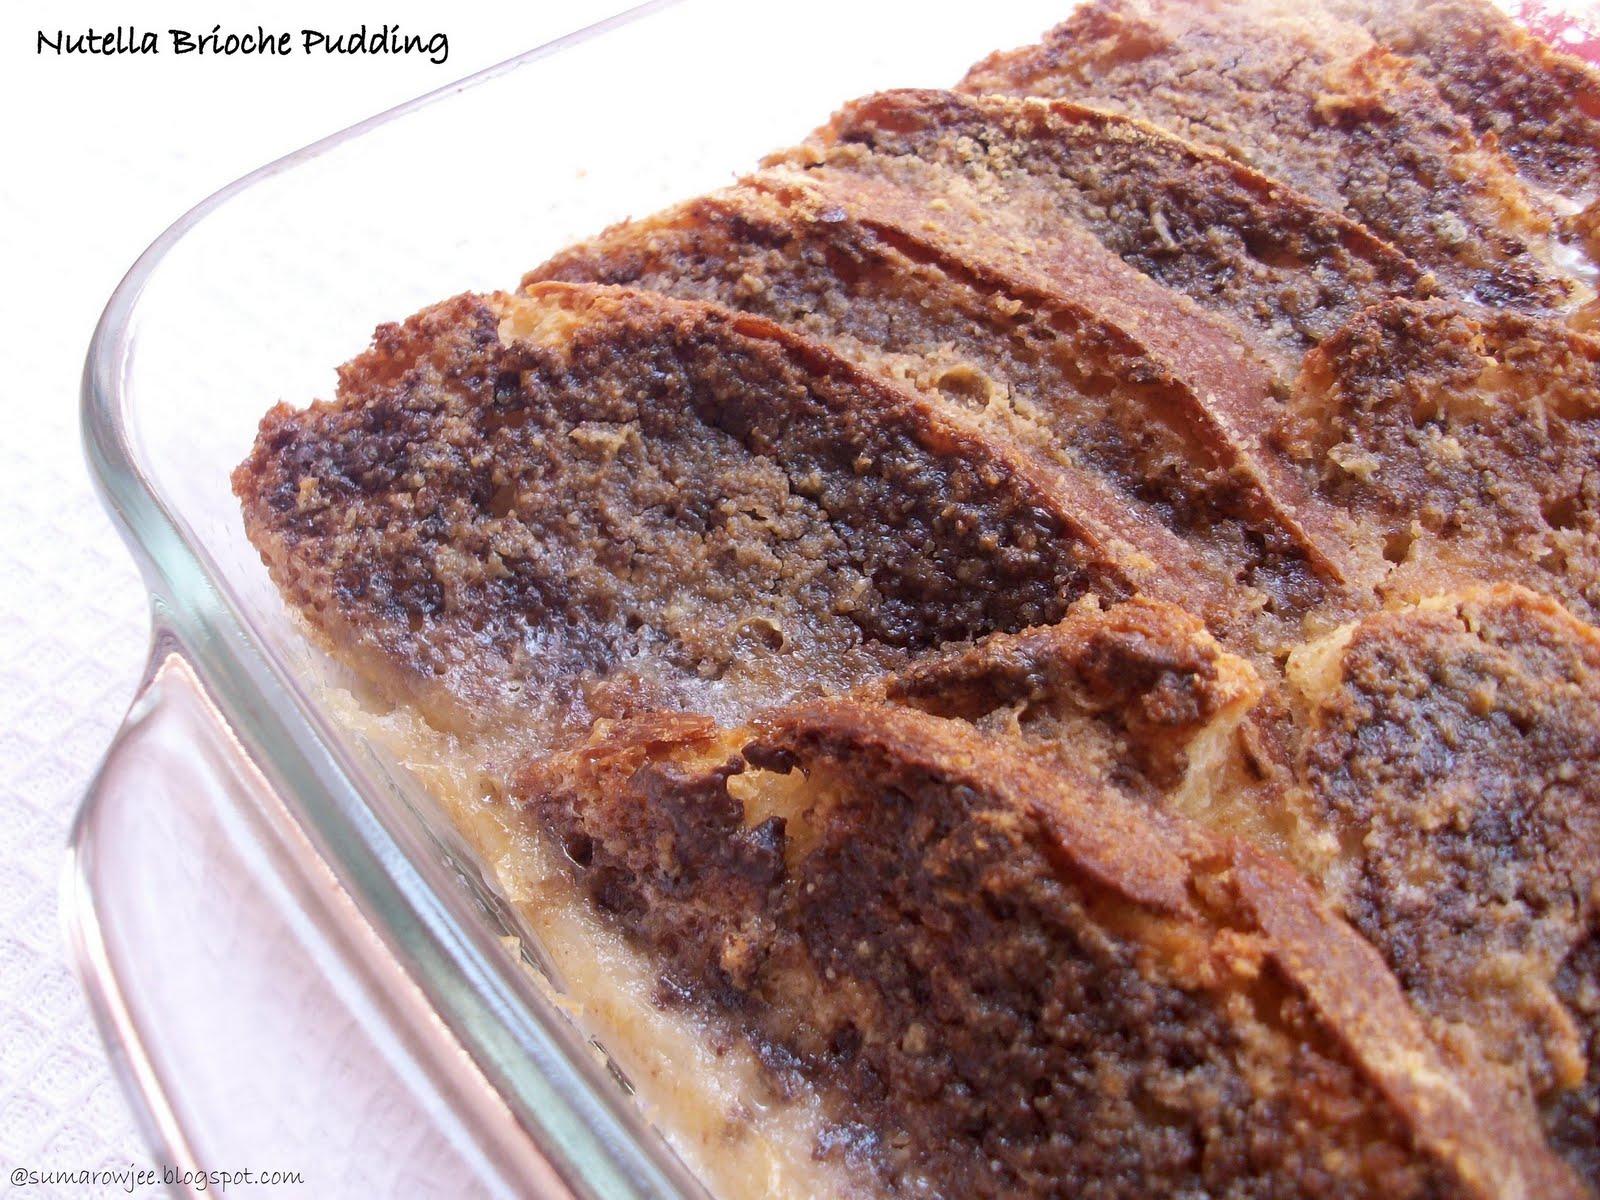 Cakes And More!: Nutella Brioche Pudding